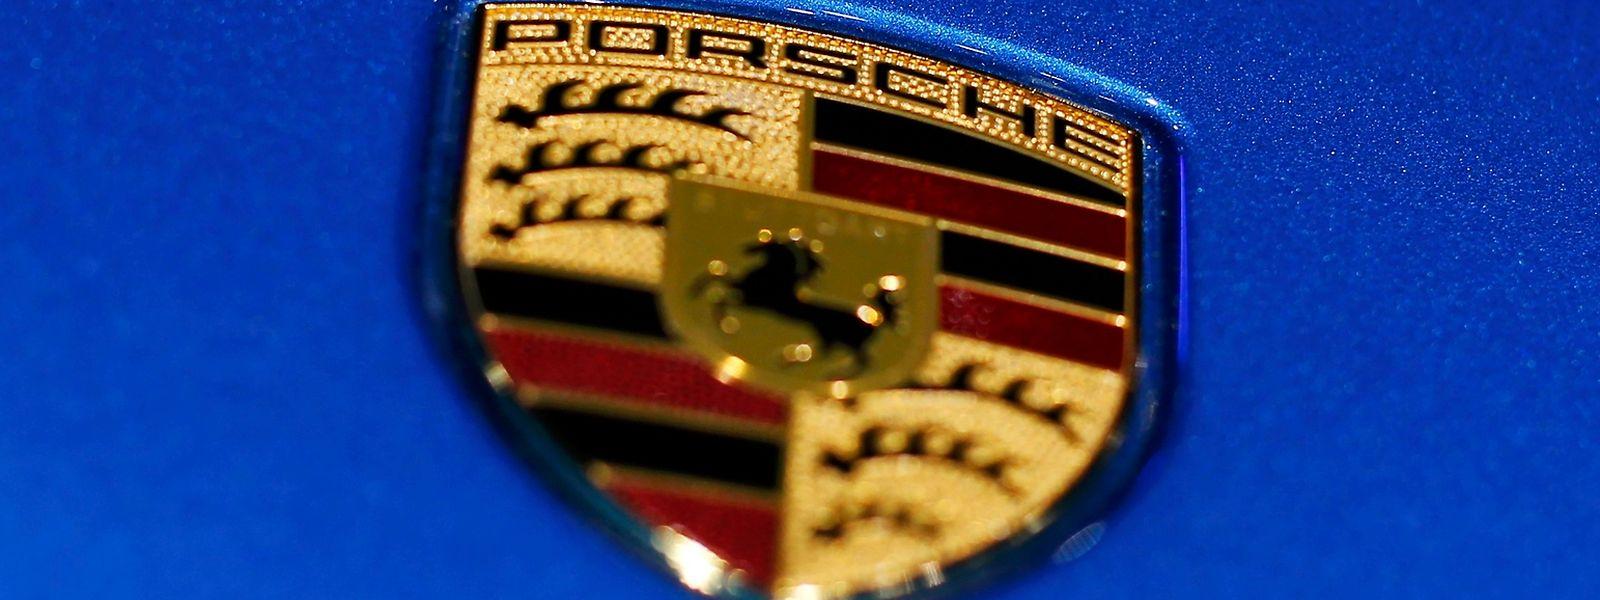 Auch die VW-Tochter Porsche kommt nicht unbehelligt aus der Abgasnummer heraus.